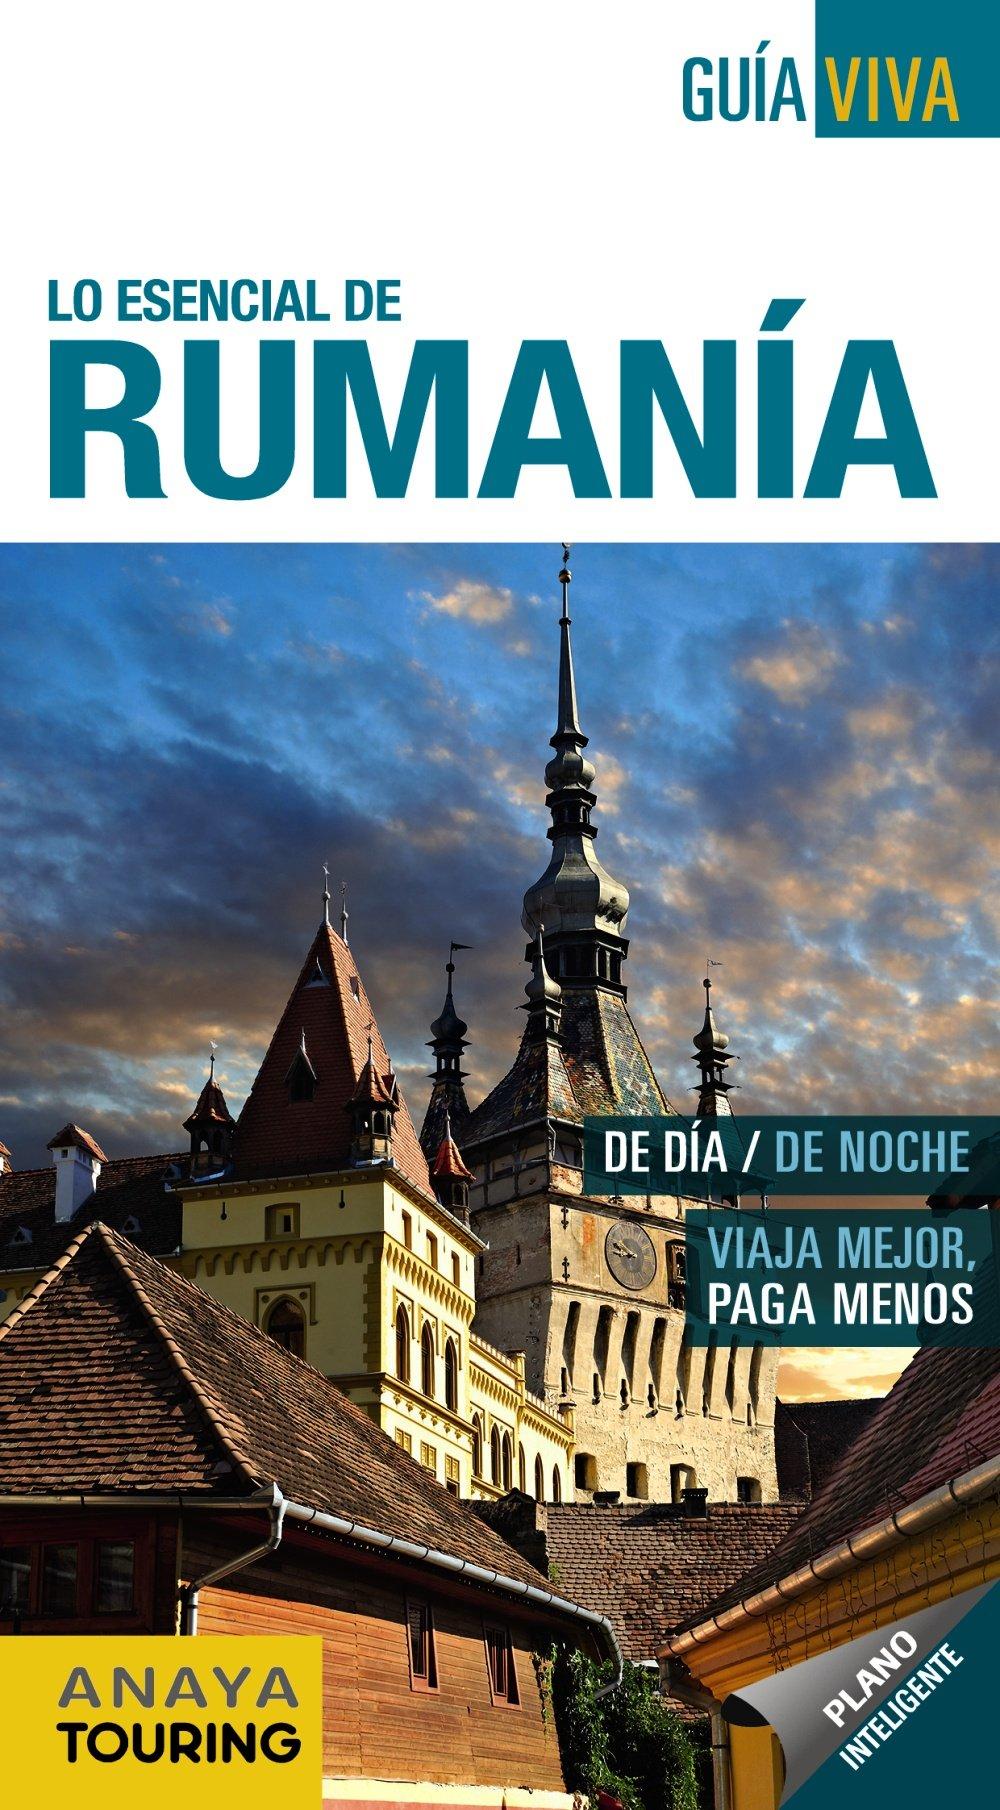 Rumanía (Guía Viva - Internacional) Tapa blanda – 30 mar 2017 Anaya Touring Gonzalo Vázquez Solana 8499359299 Romania